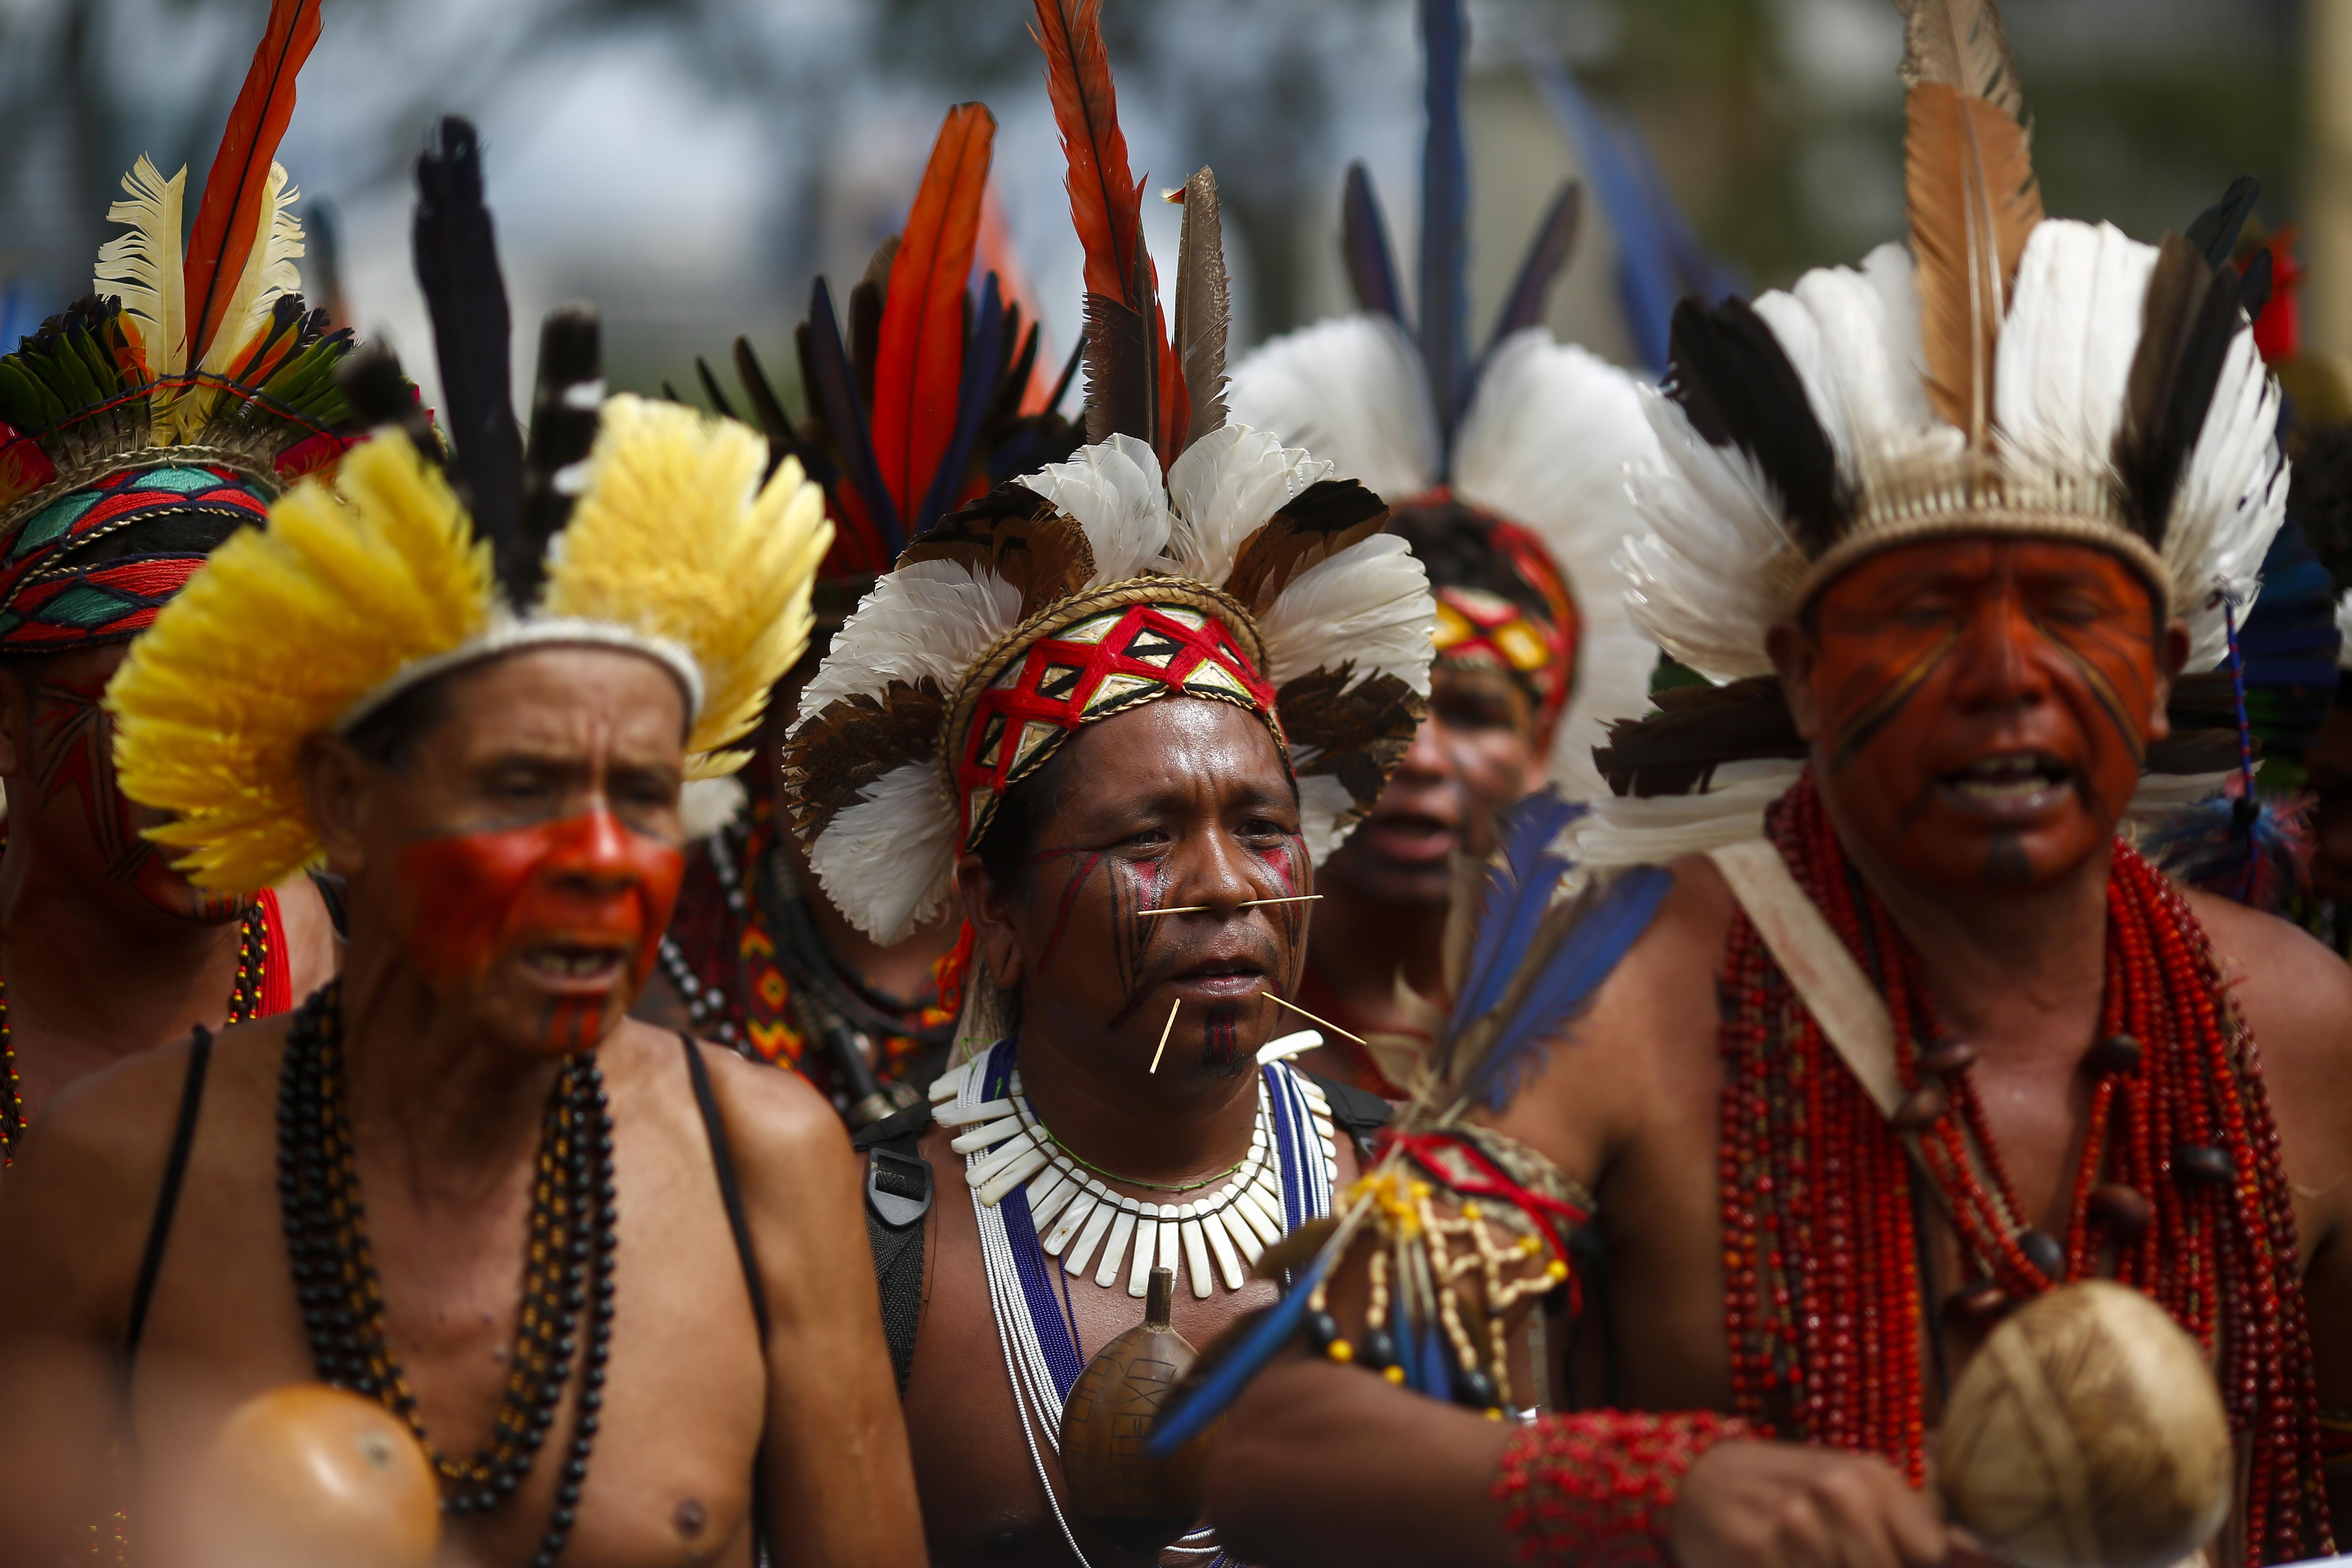 Bíróság tiltotta ki a keresztény hittérítőket a brazil esőerdőkből